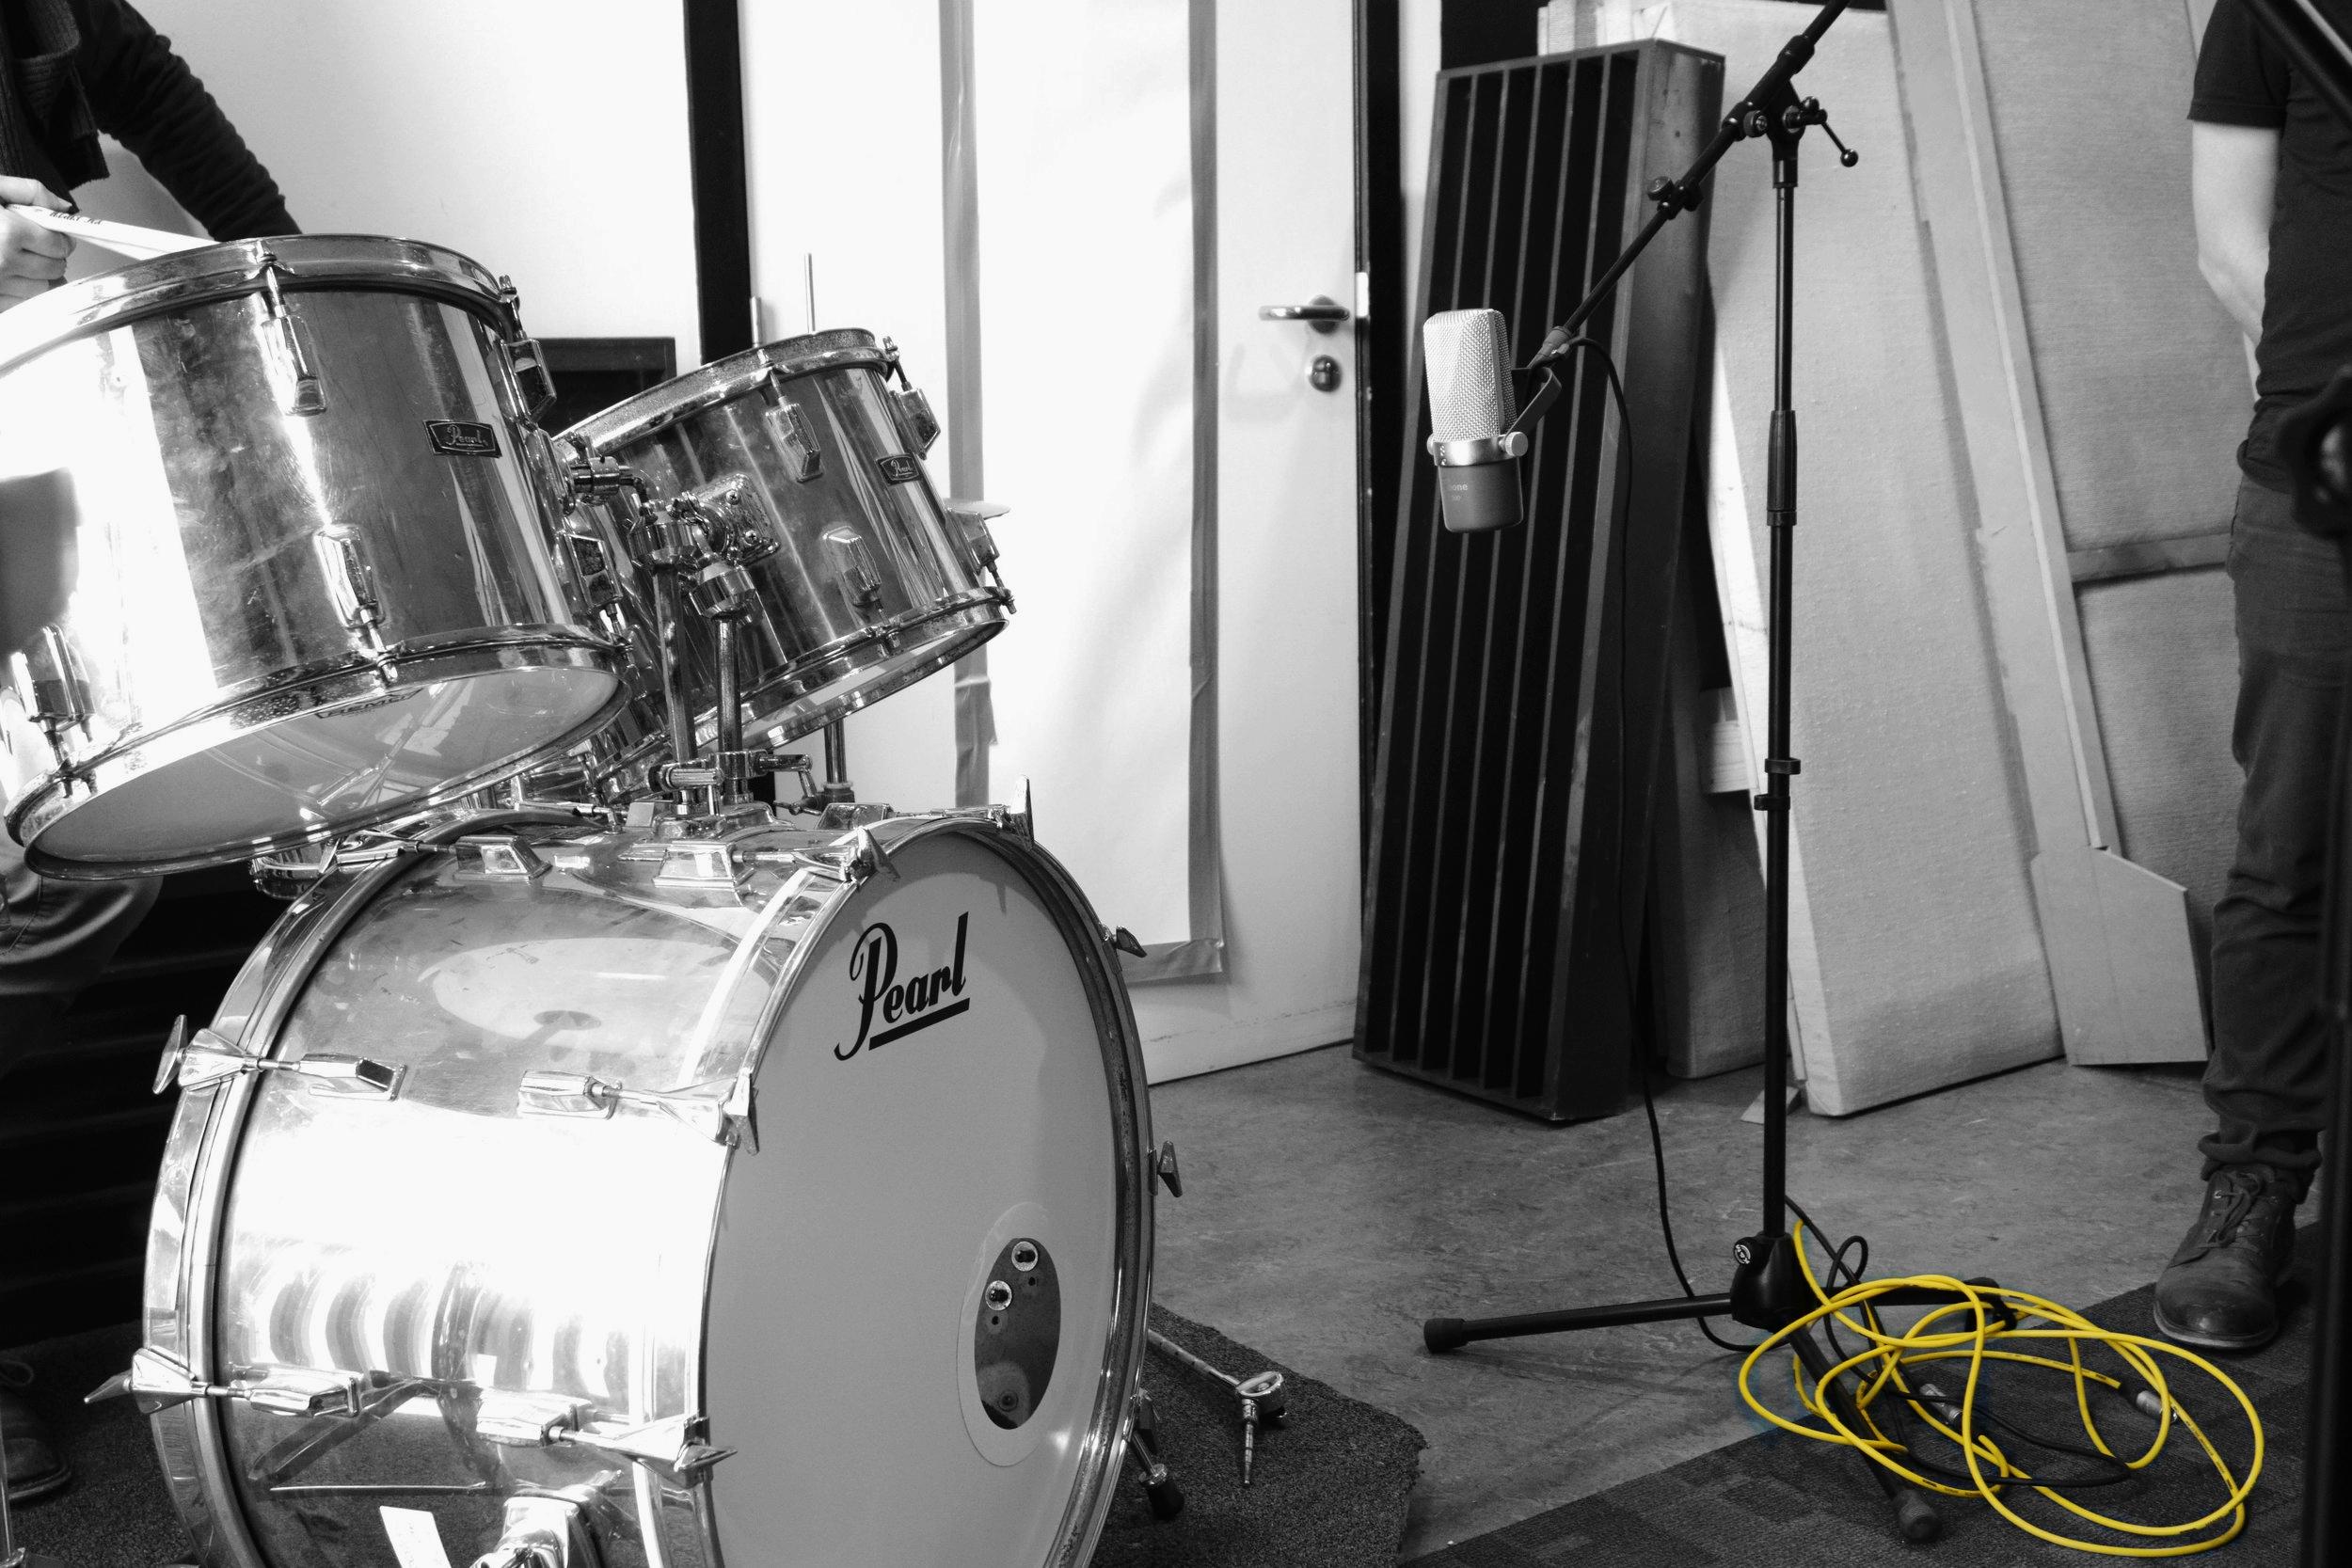 Muziekstudio - Recording - Mixing - MasteringSingle - EP - Album - Demo